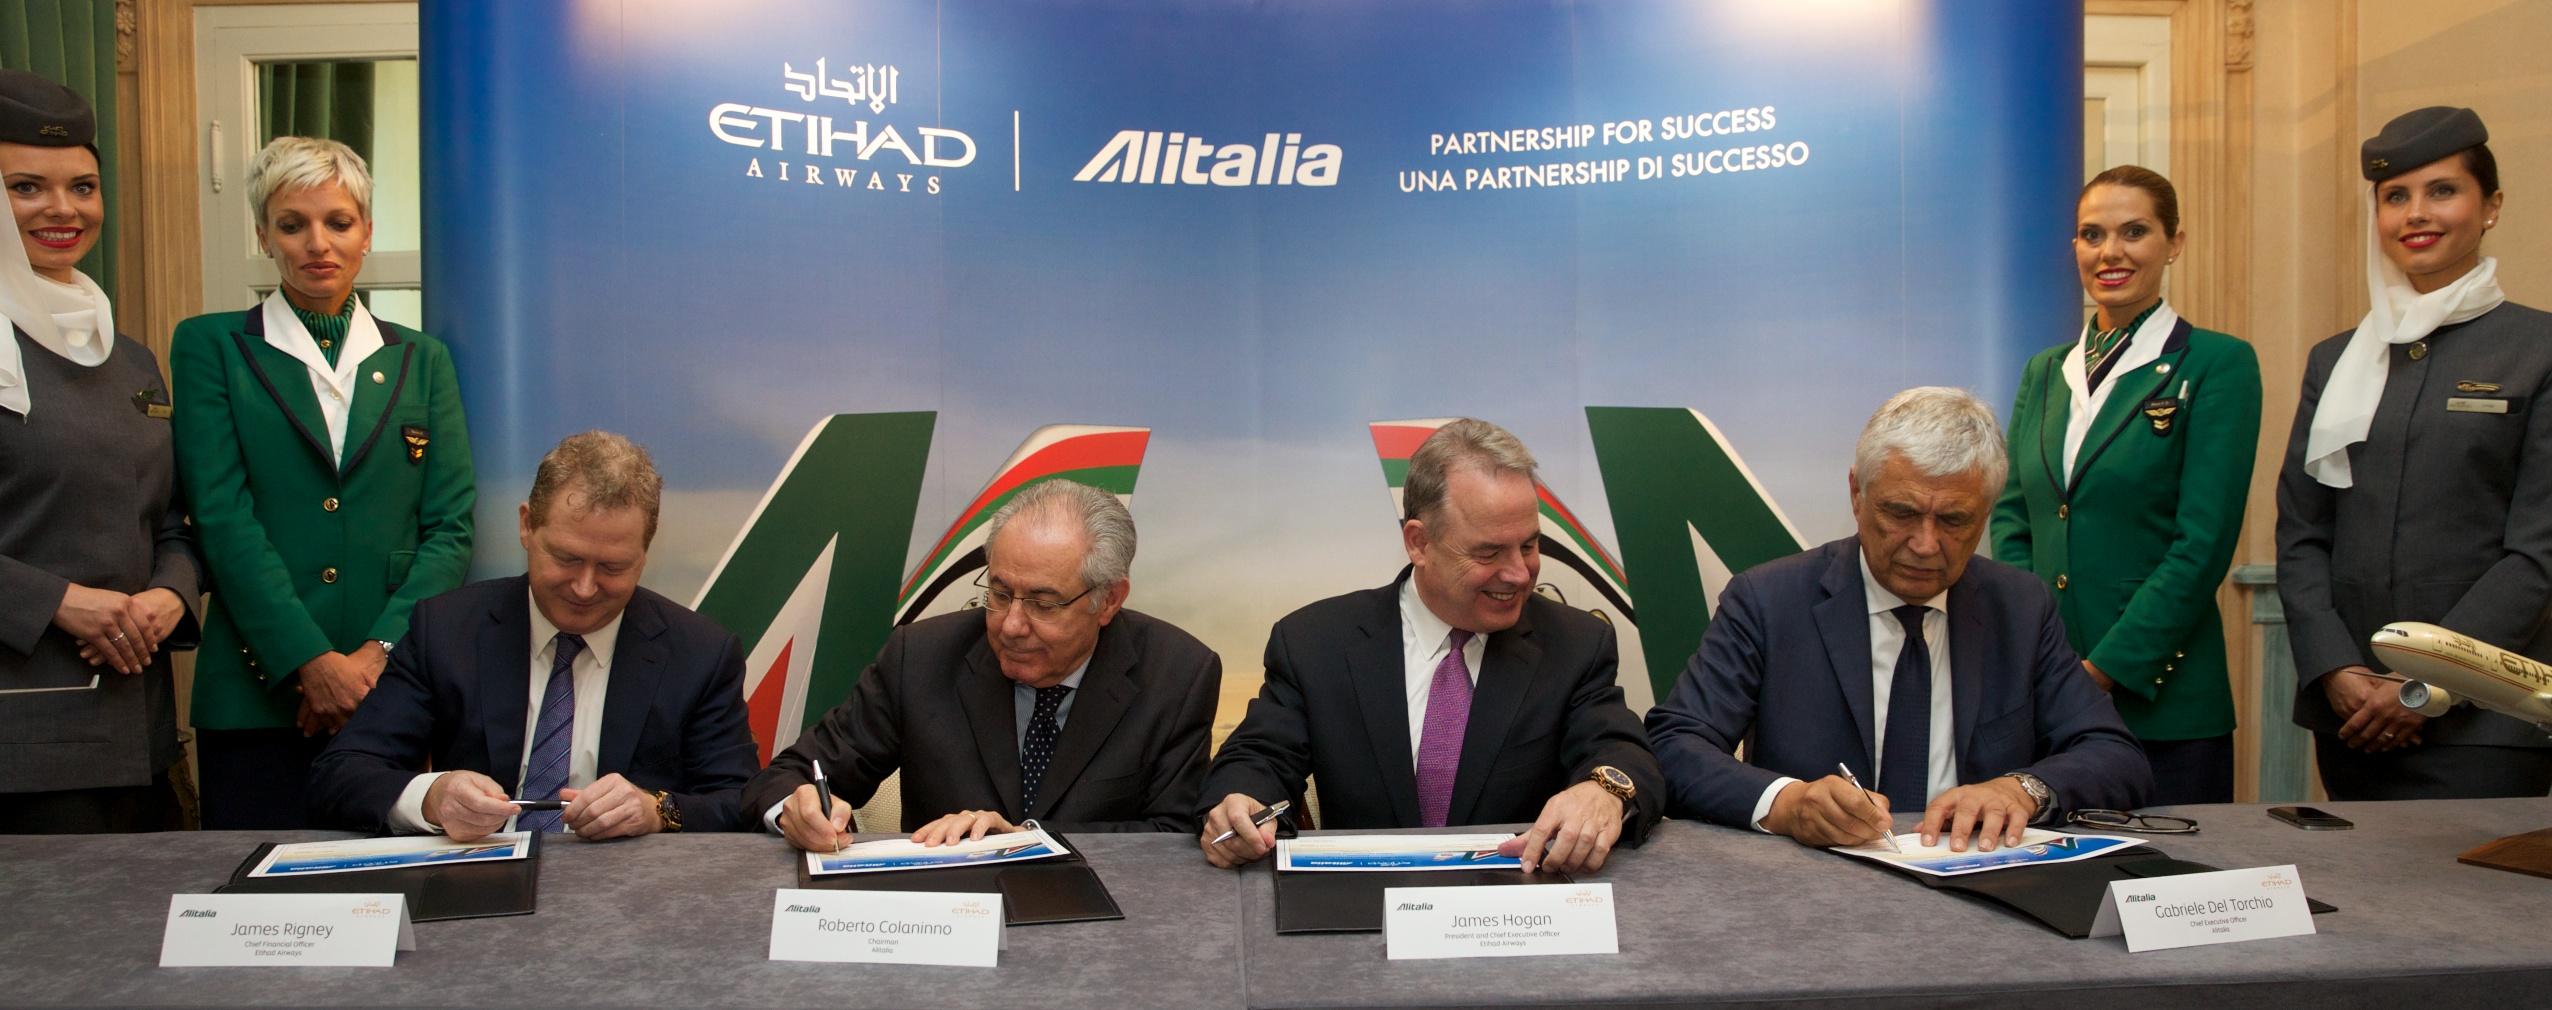 Etihad acquires 49 per cent of Alitalia